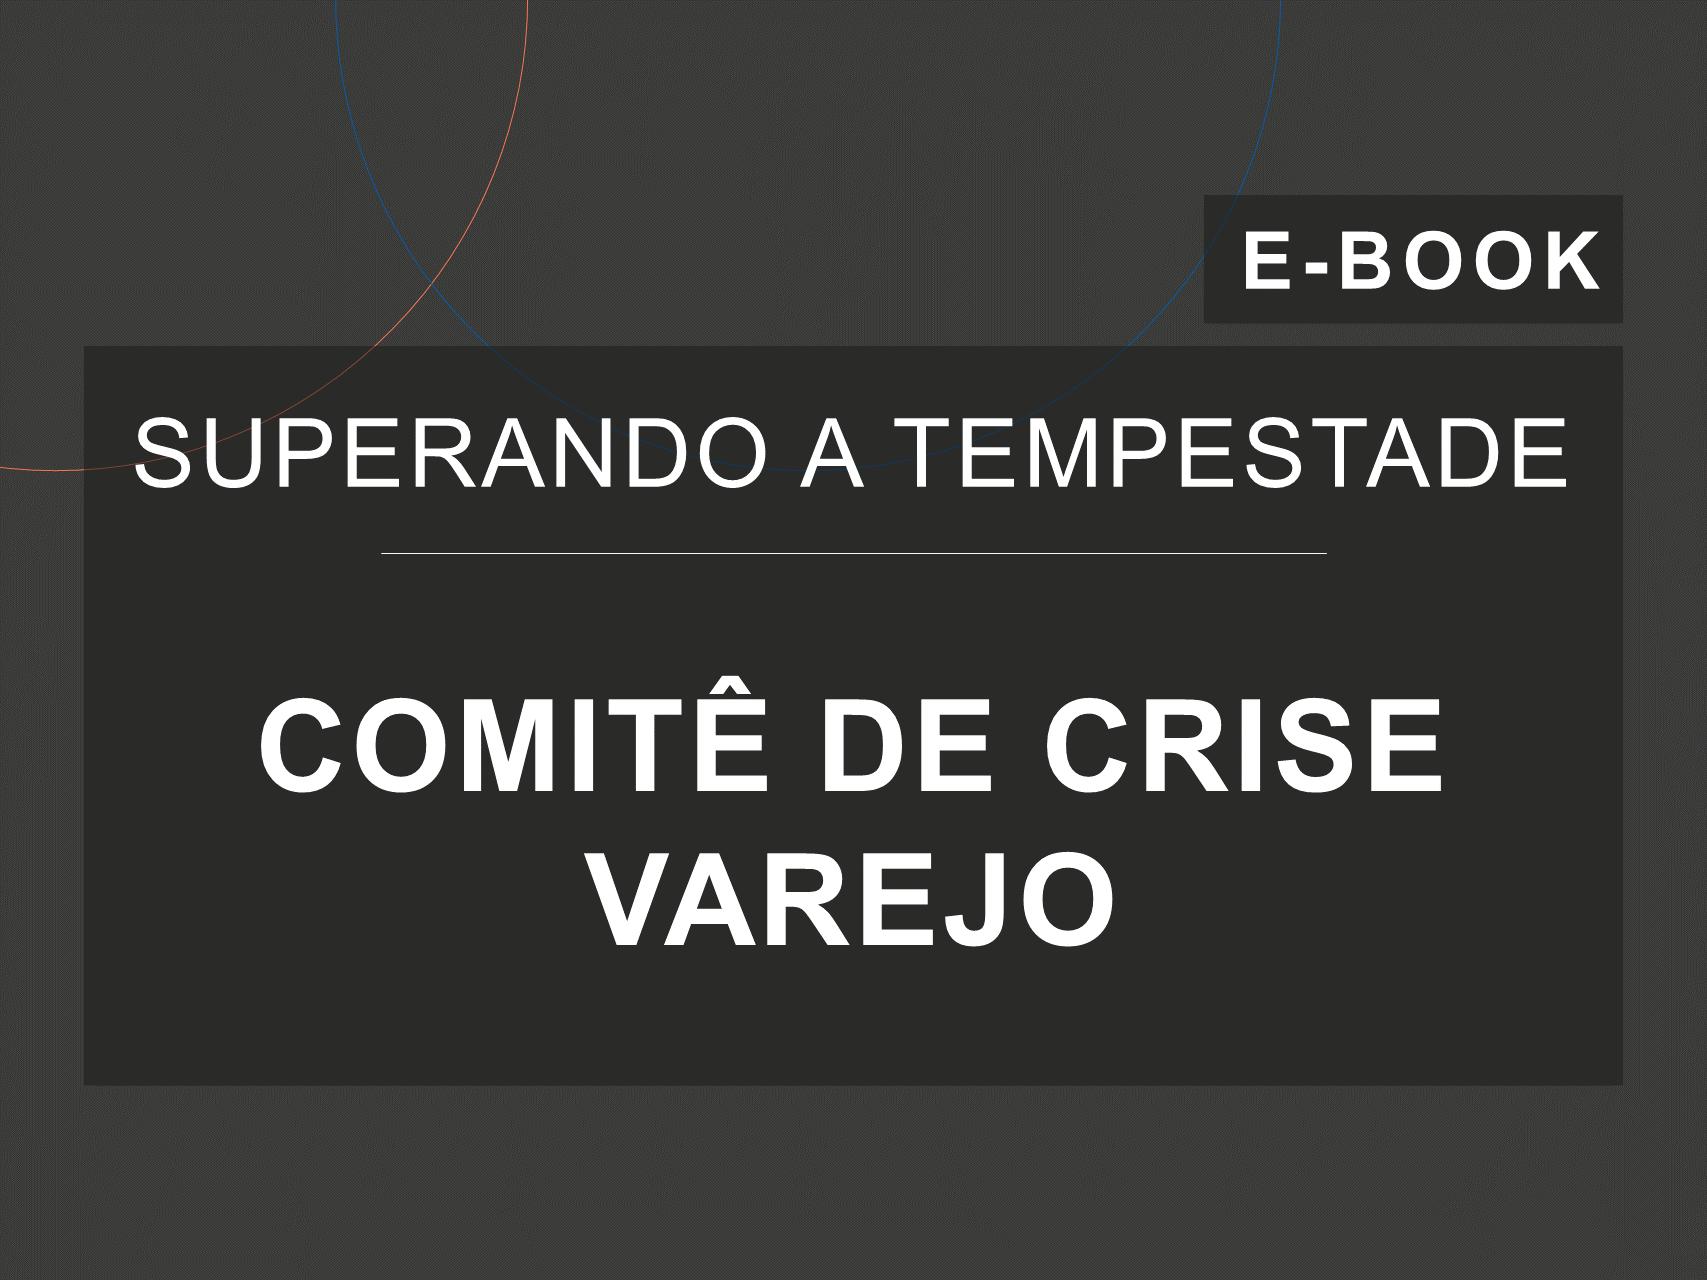 Capa do e-Book da série 'Superando a Tempestade', da Cosin Consulting, sobre 'Comitê de Crise Varejo'